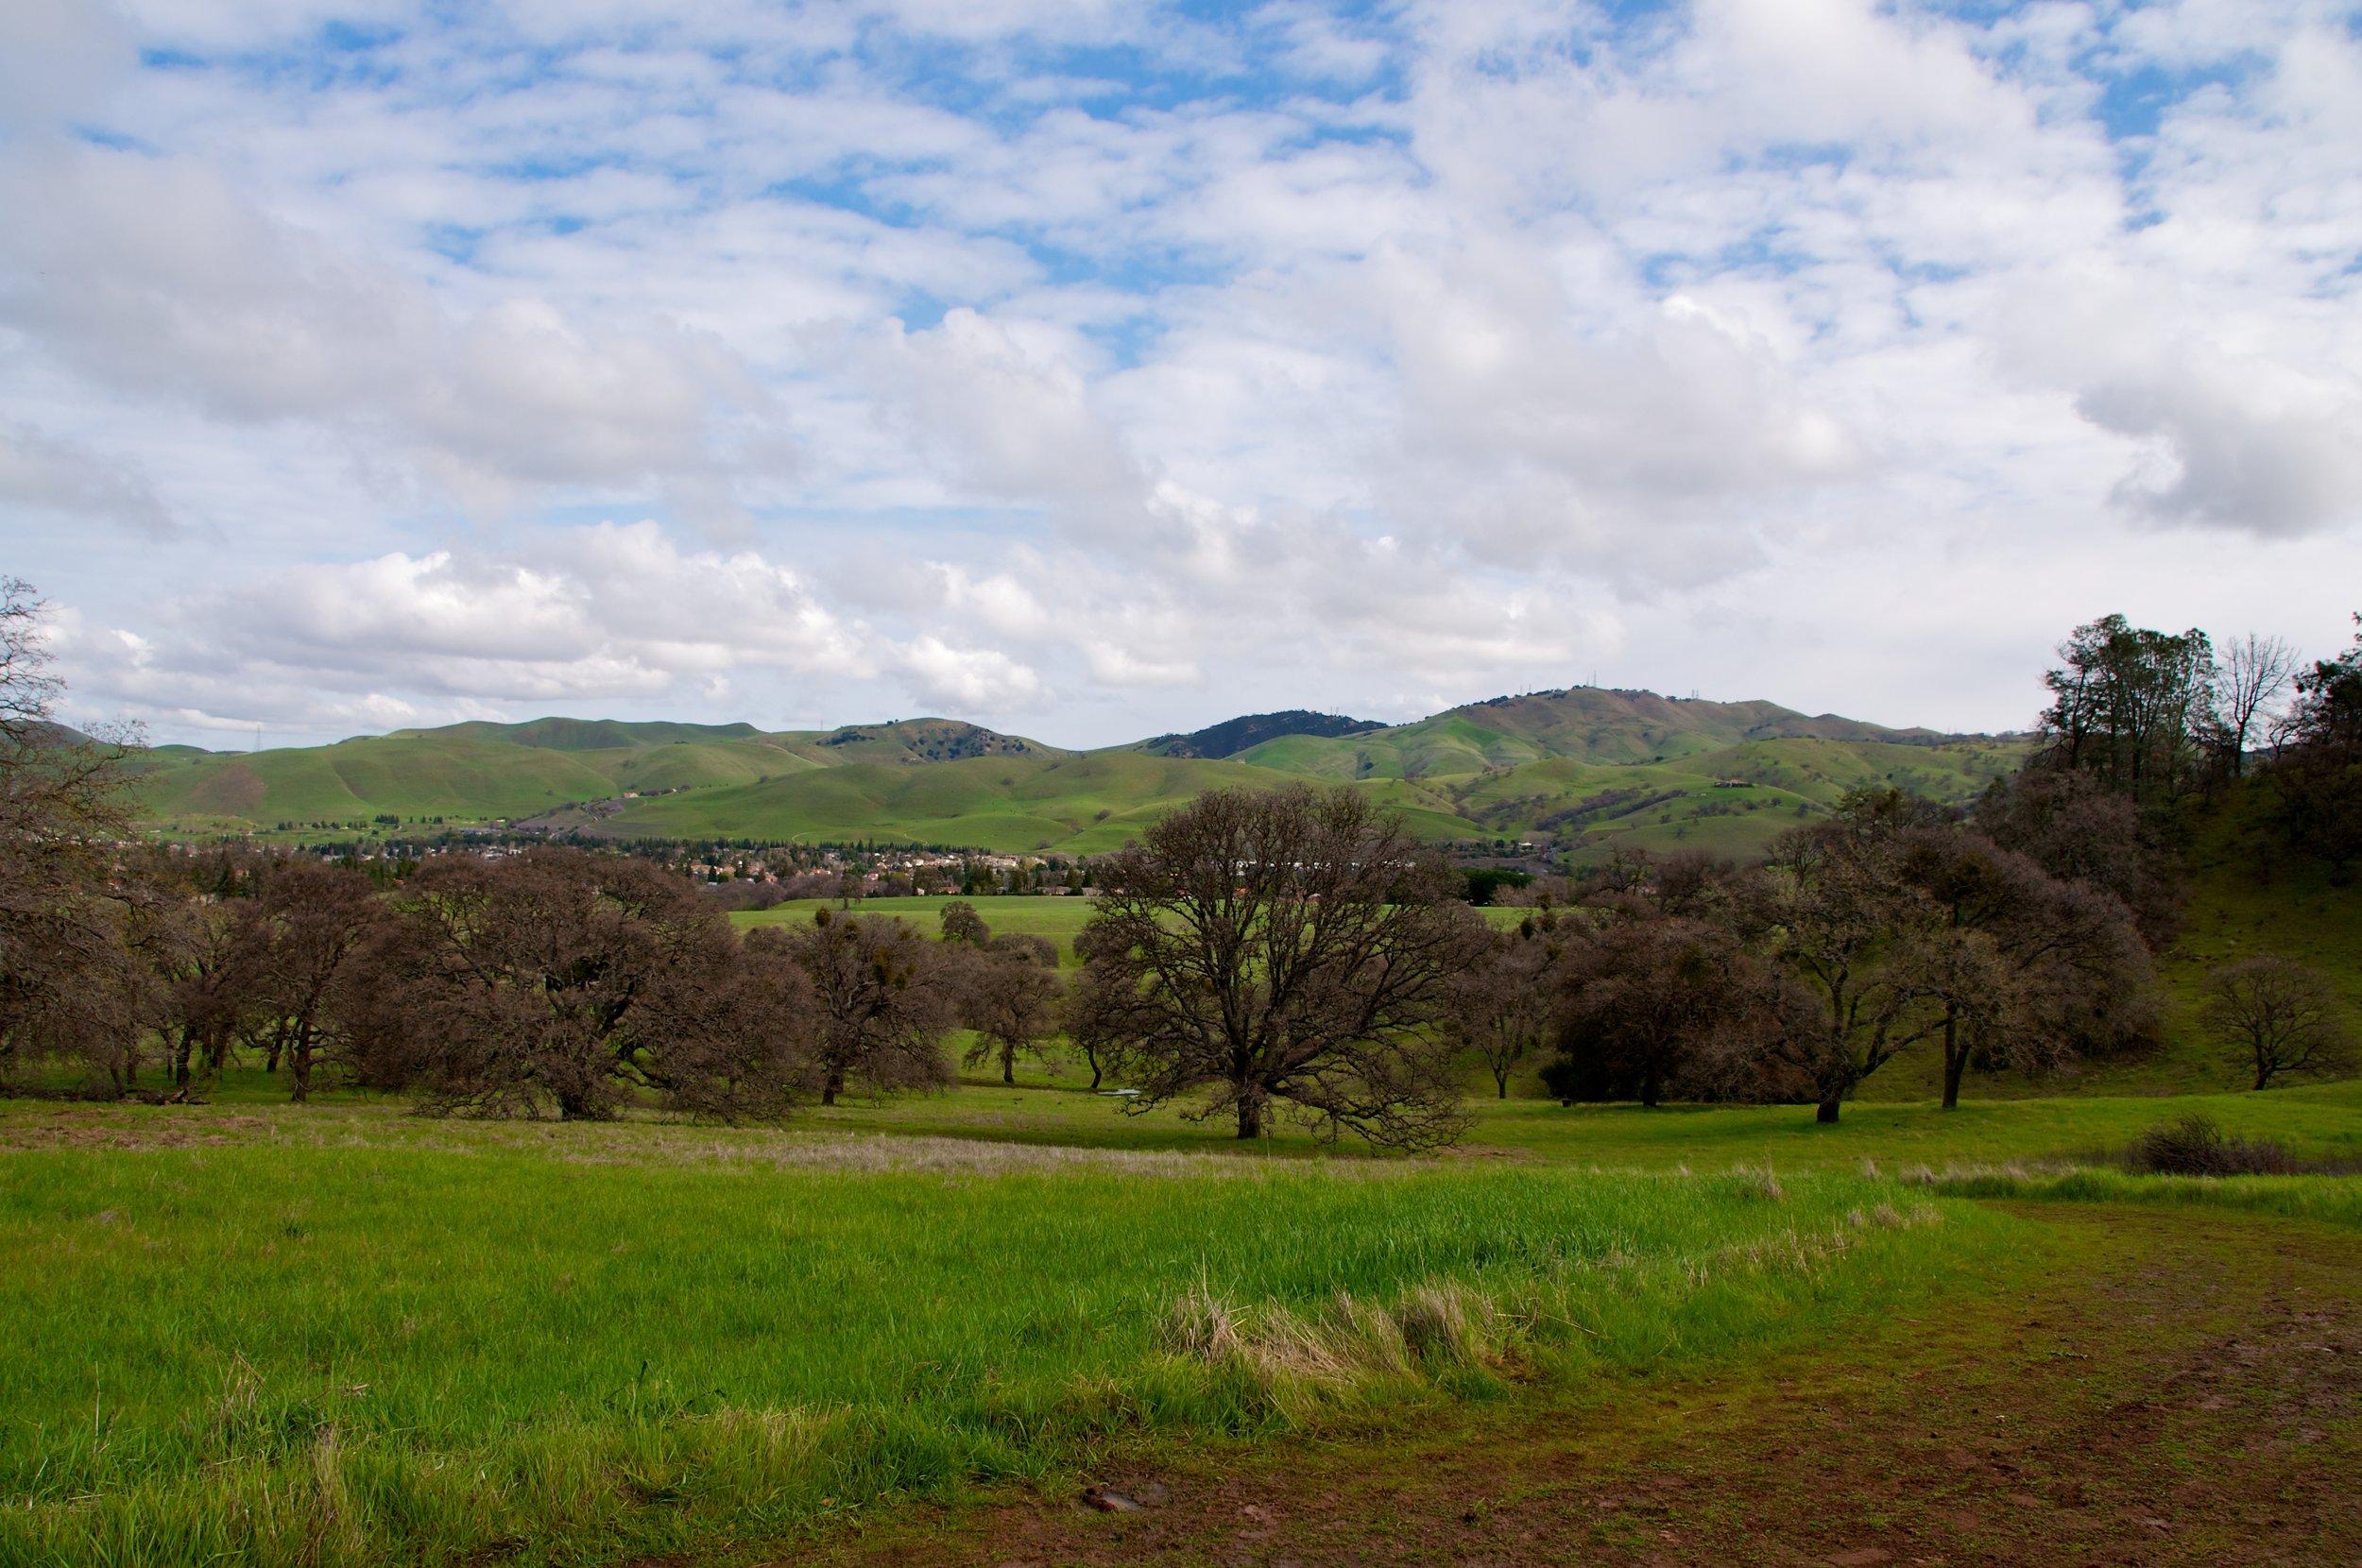 Mt. Diablo Hike 2_12_2011 - 2011-02-21 at 10-33-01.jpg